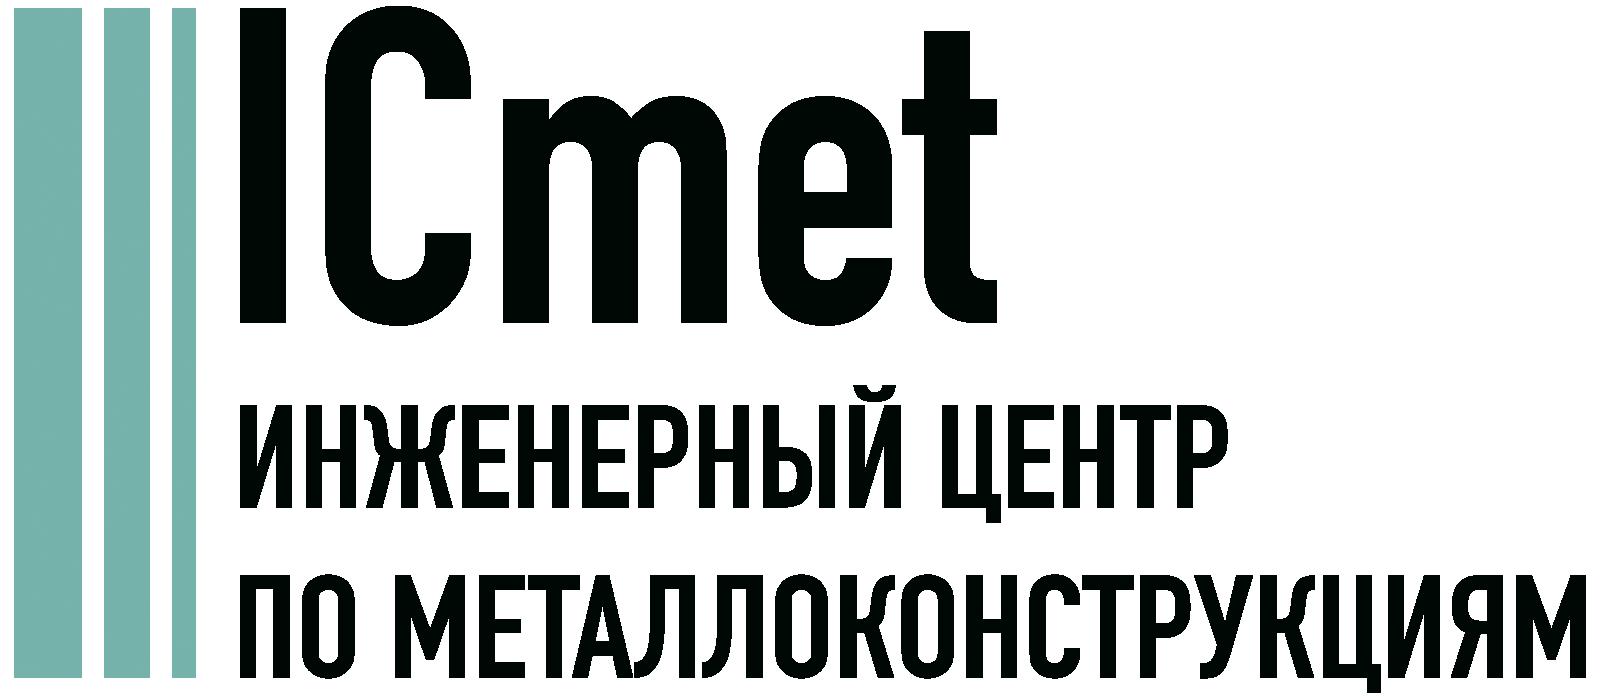 Проектирование металлоконструкций в Чите